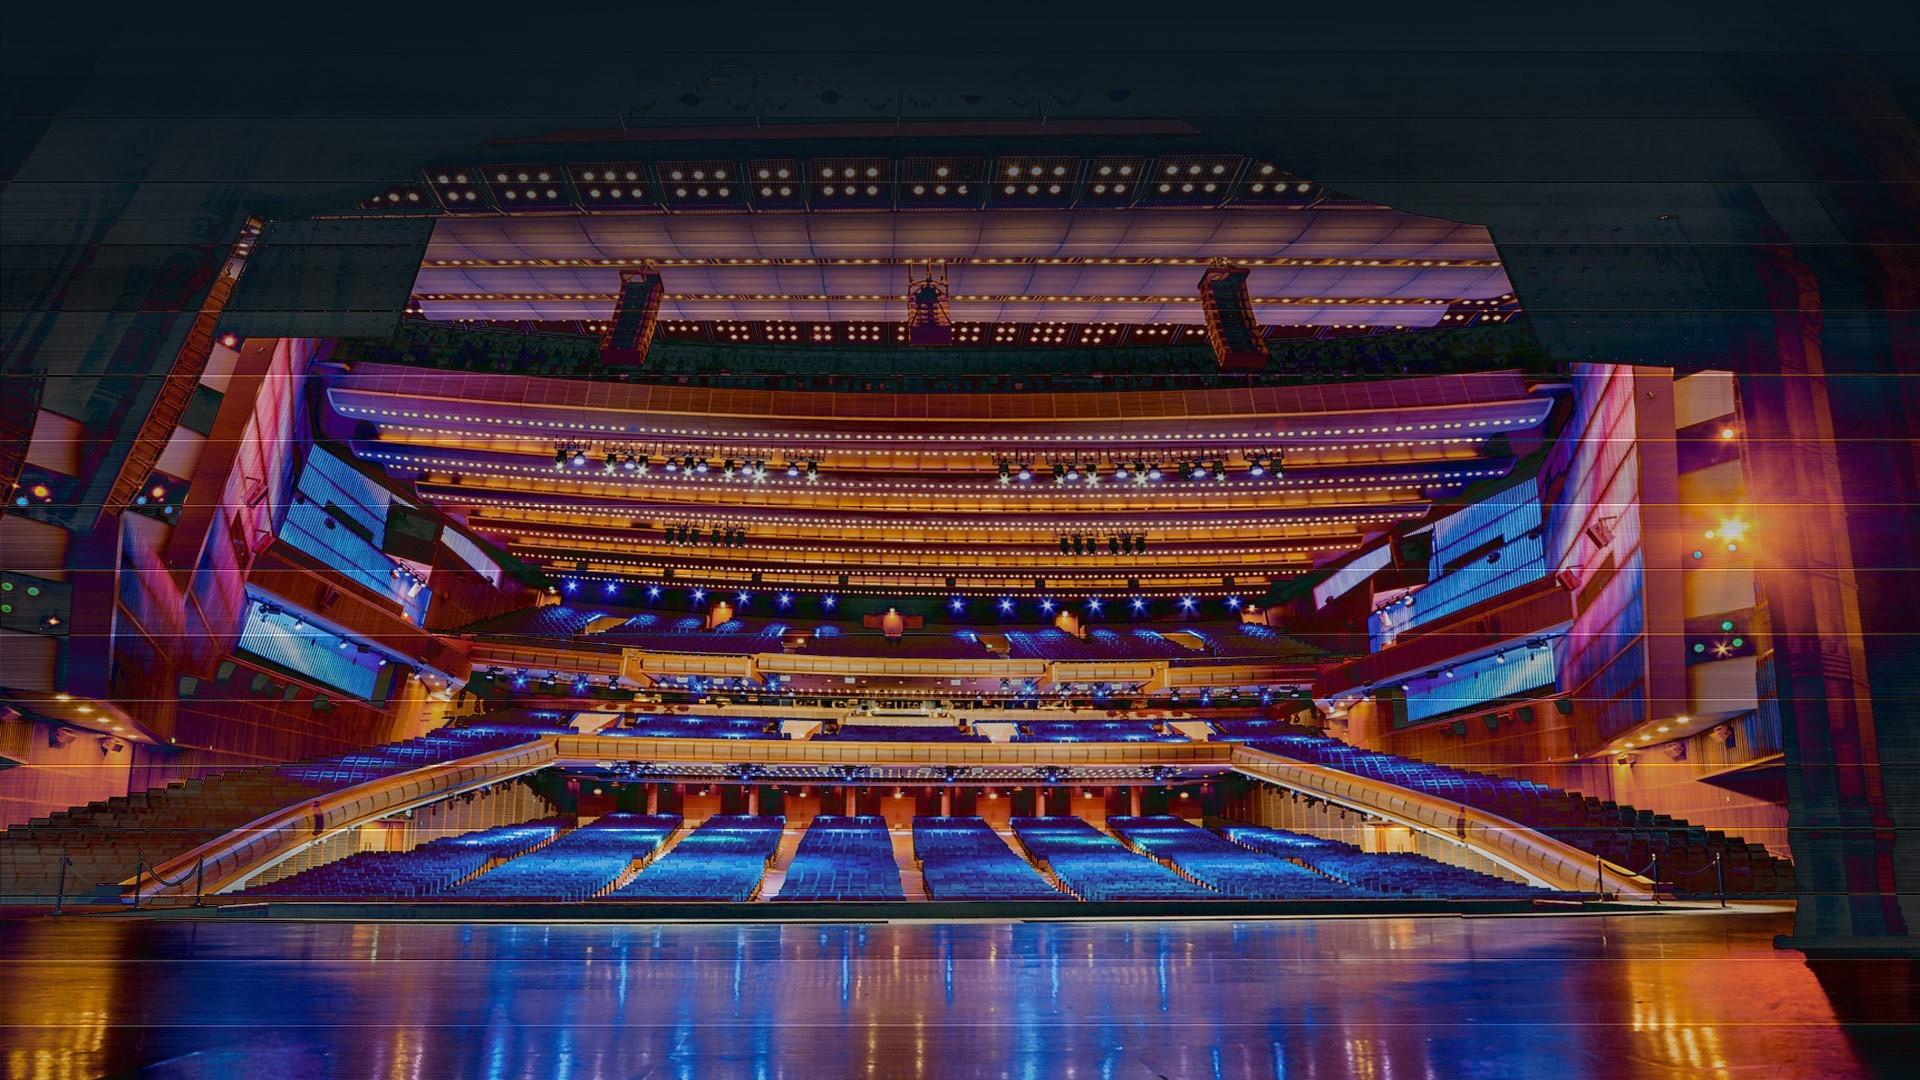 Торжественное мероприятие, посвящённое 215-летию Московского водопровода